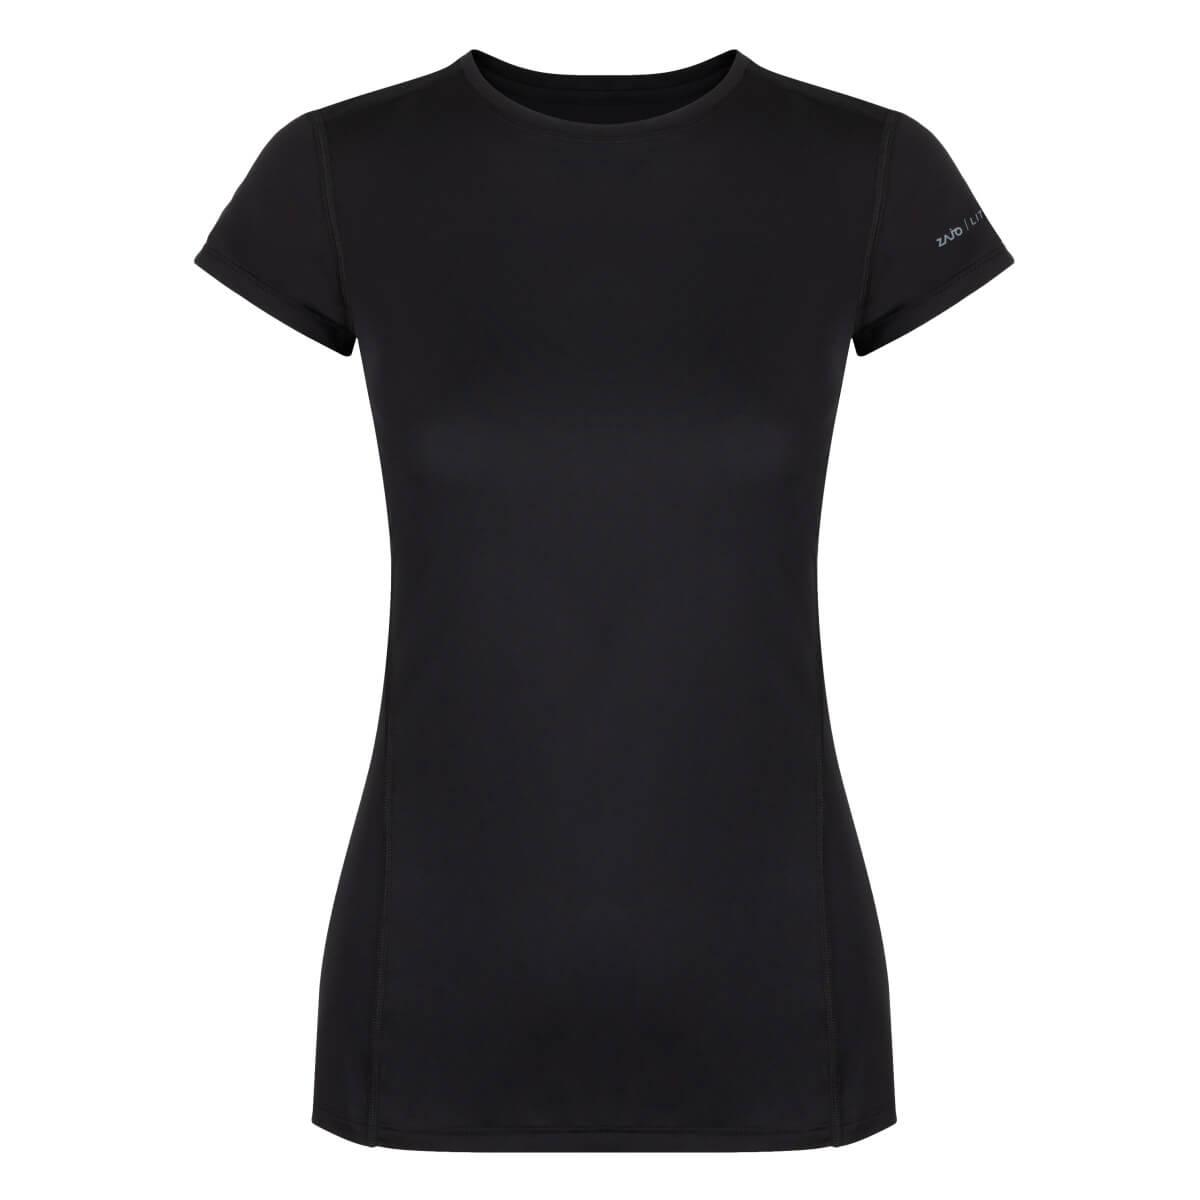 ZAJO Litio W T-shirt SS Black dámske tričko - veľkosť S